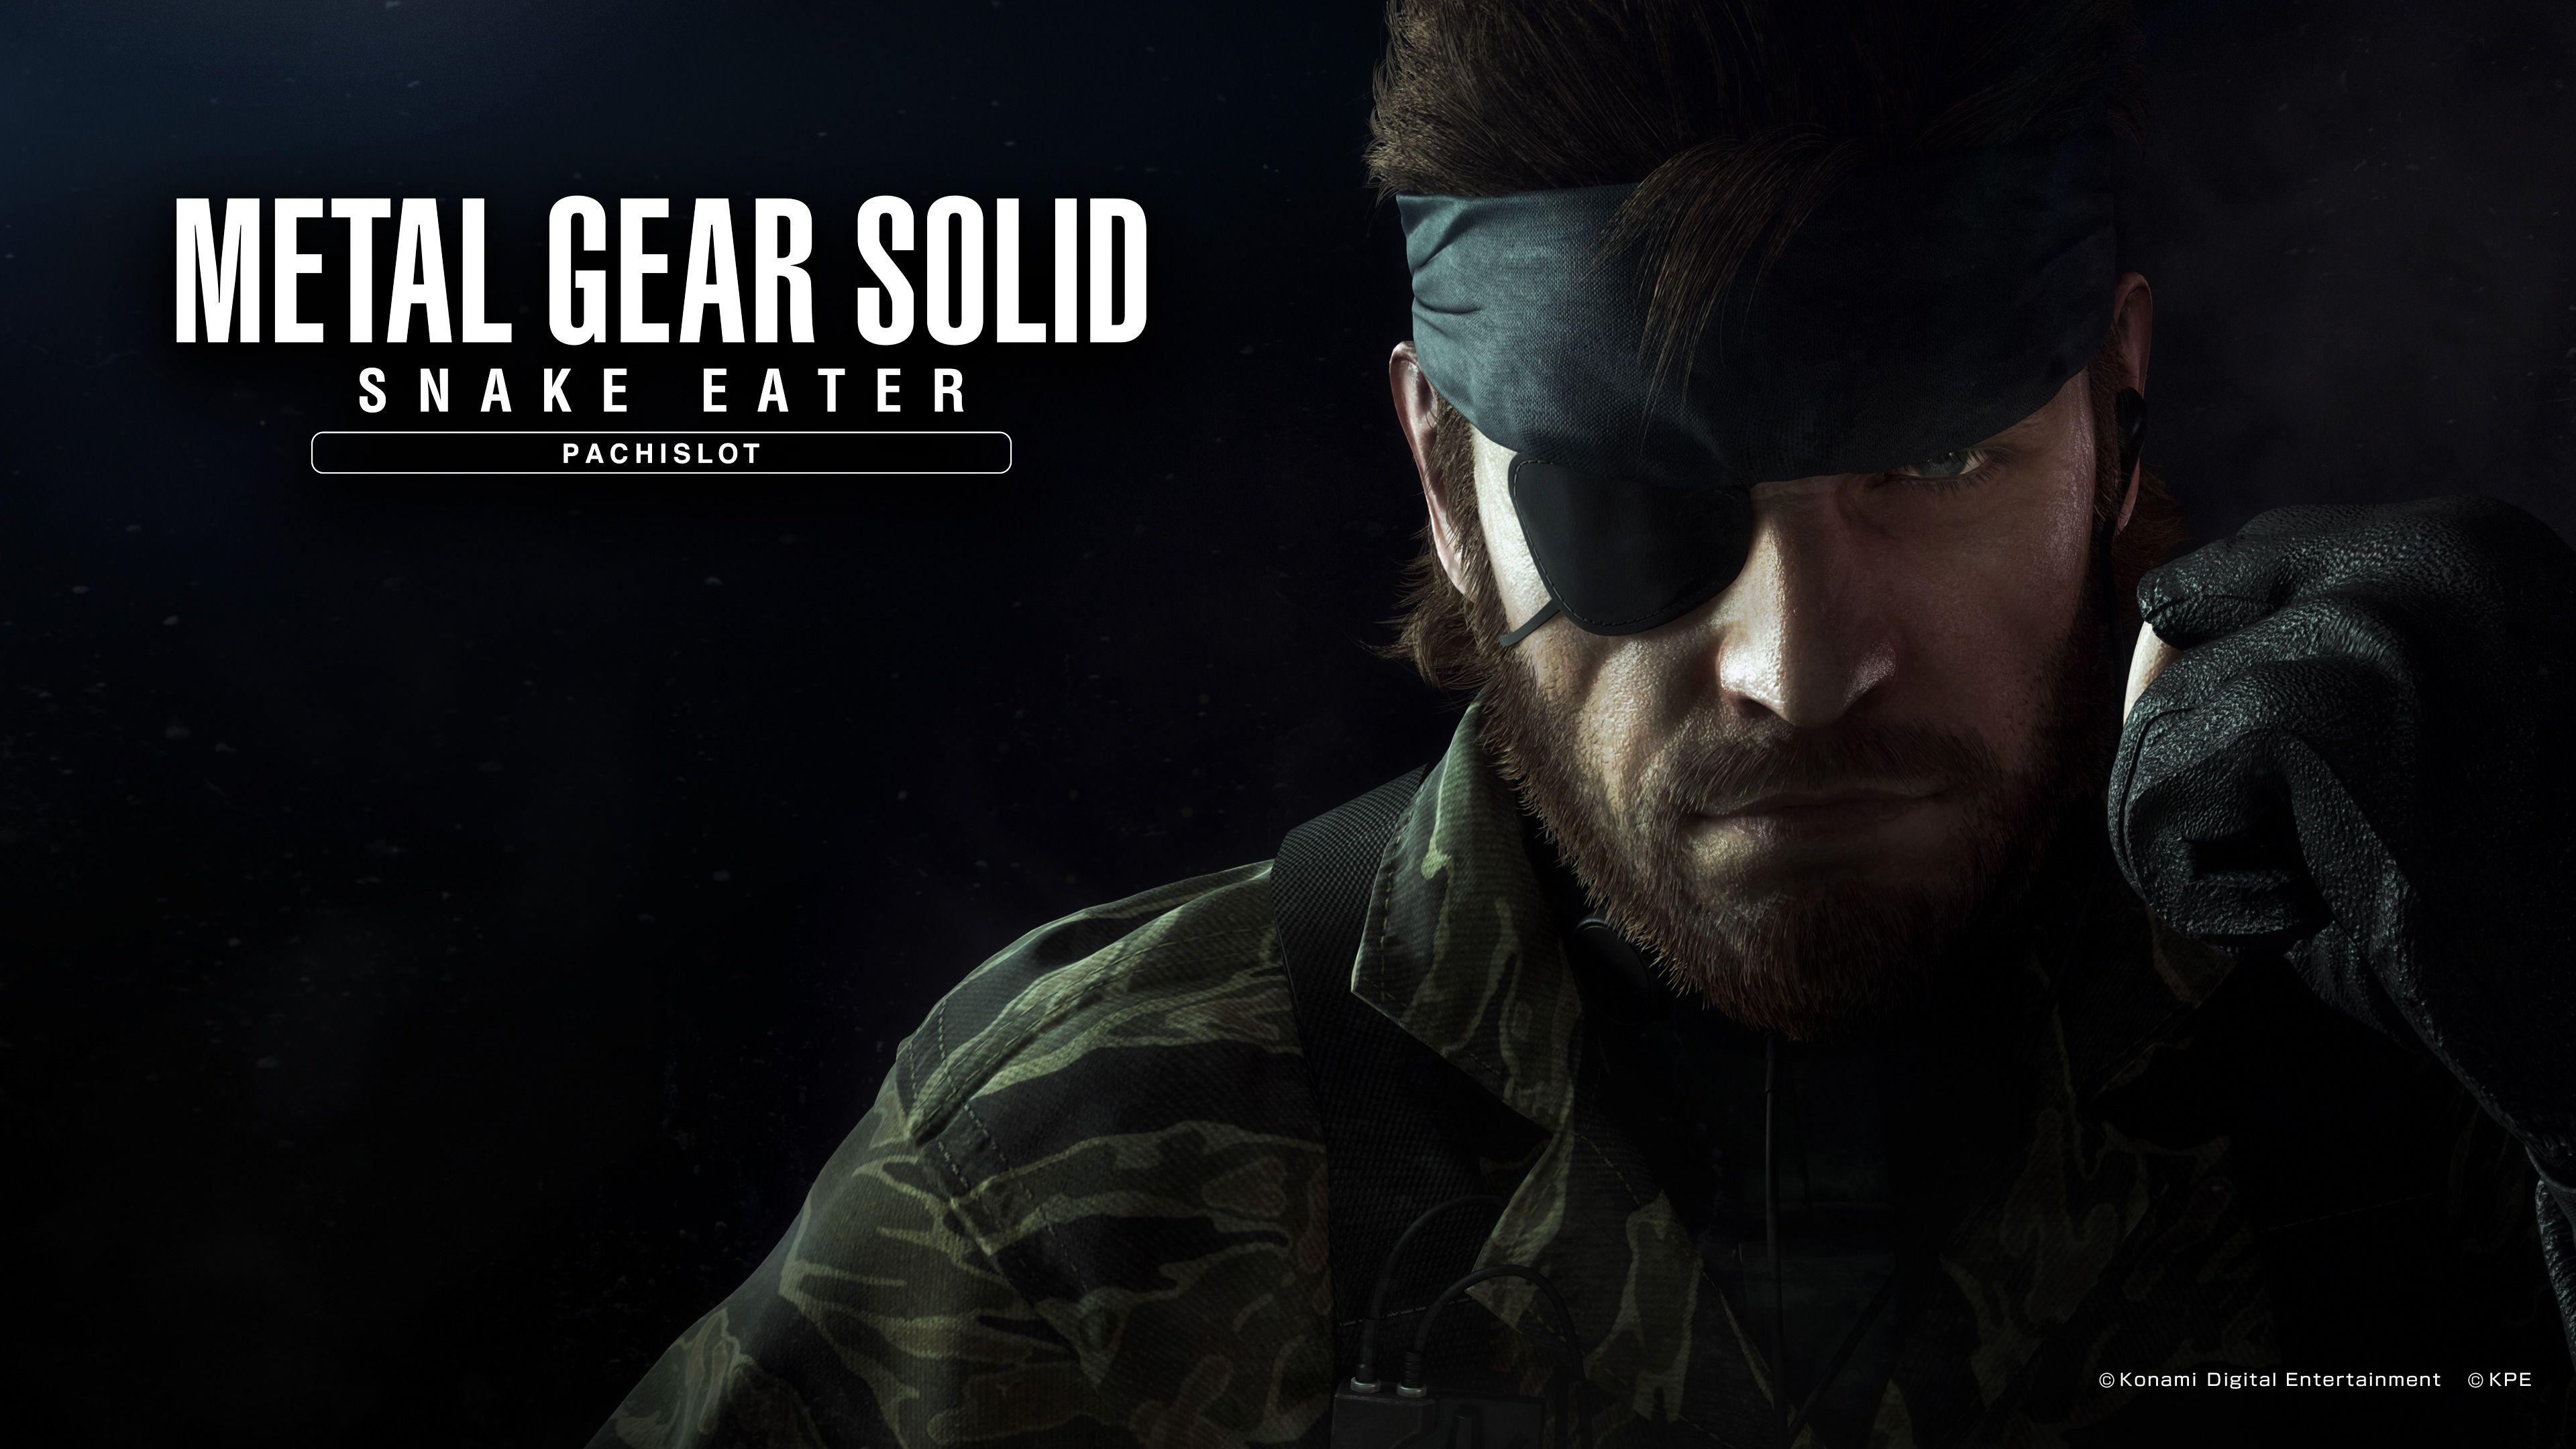 Naked Snake - Metal Gear Solid 3: Snake Eater #MetalGearSolid3 #NakedSnake #SnakeEater #MGS3SnakeEater #MGS3 #BigBoss